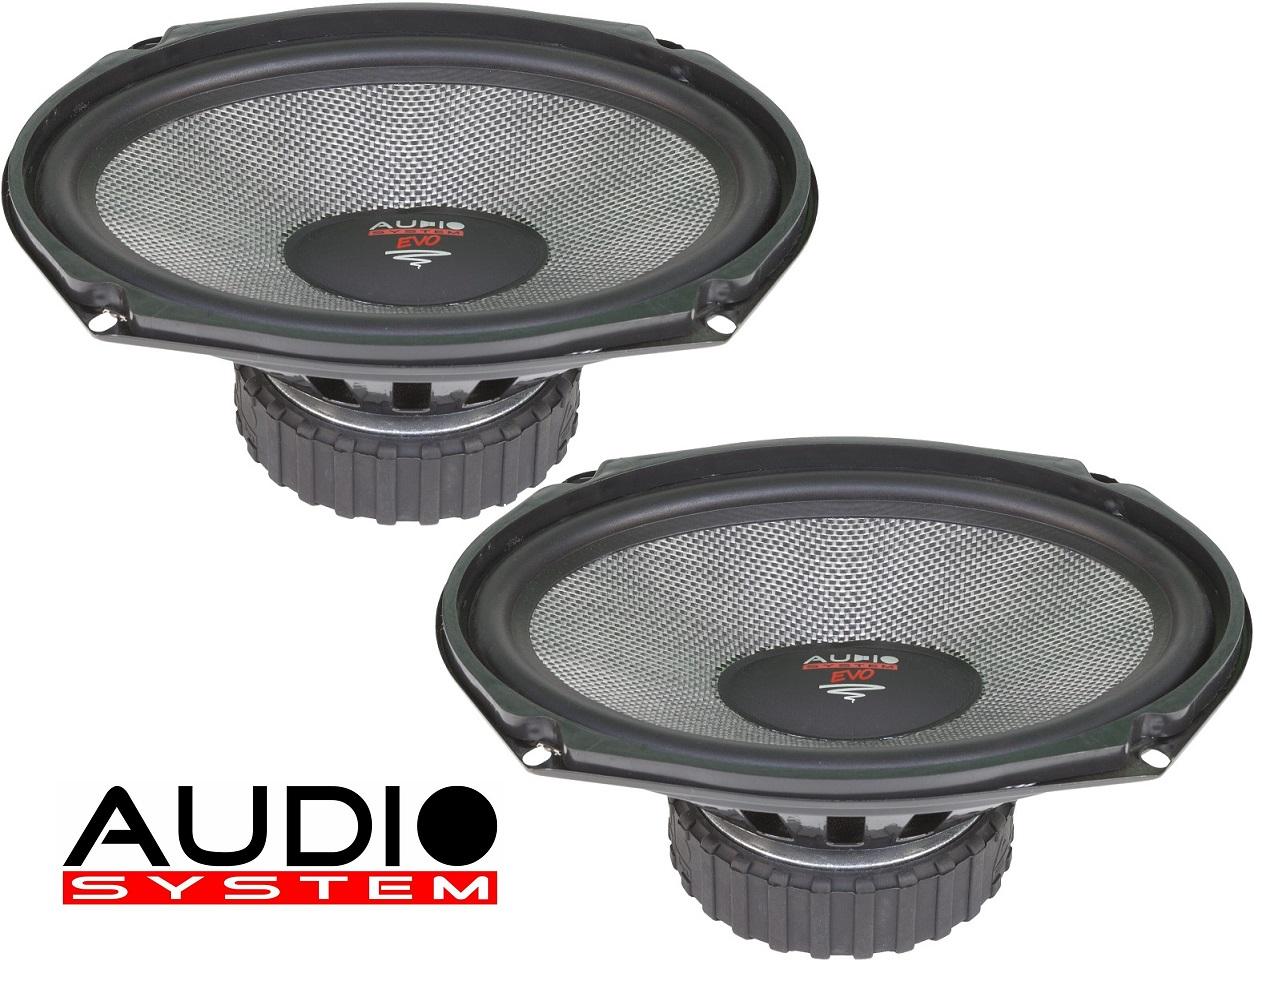 Audio System AS 609 EVO Lautsprecher für Mini und Amerikanische Modelle Tief / Mitteltöner / Midrange Lautsprecher 1 Paar